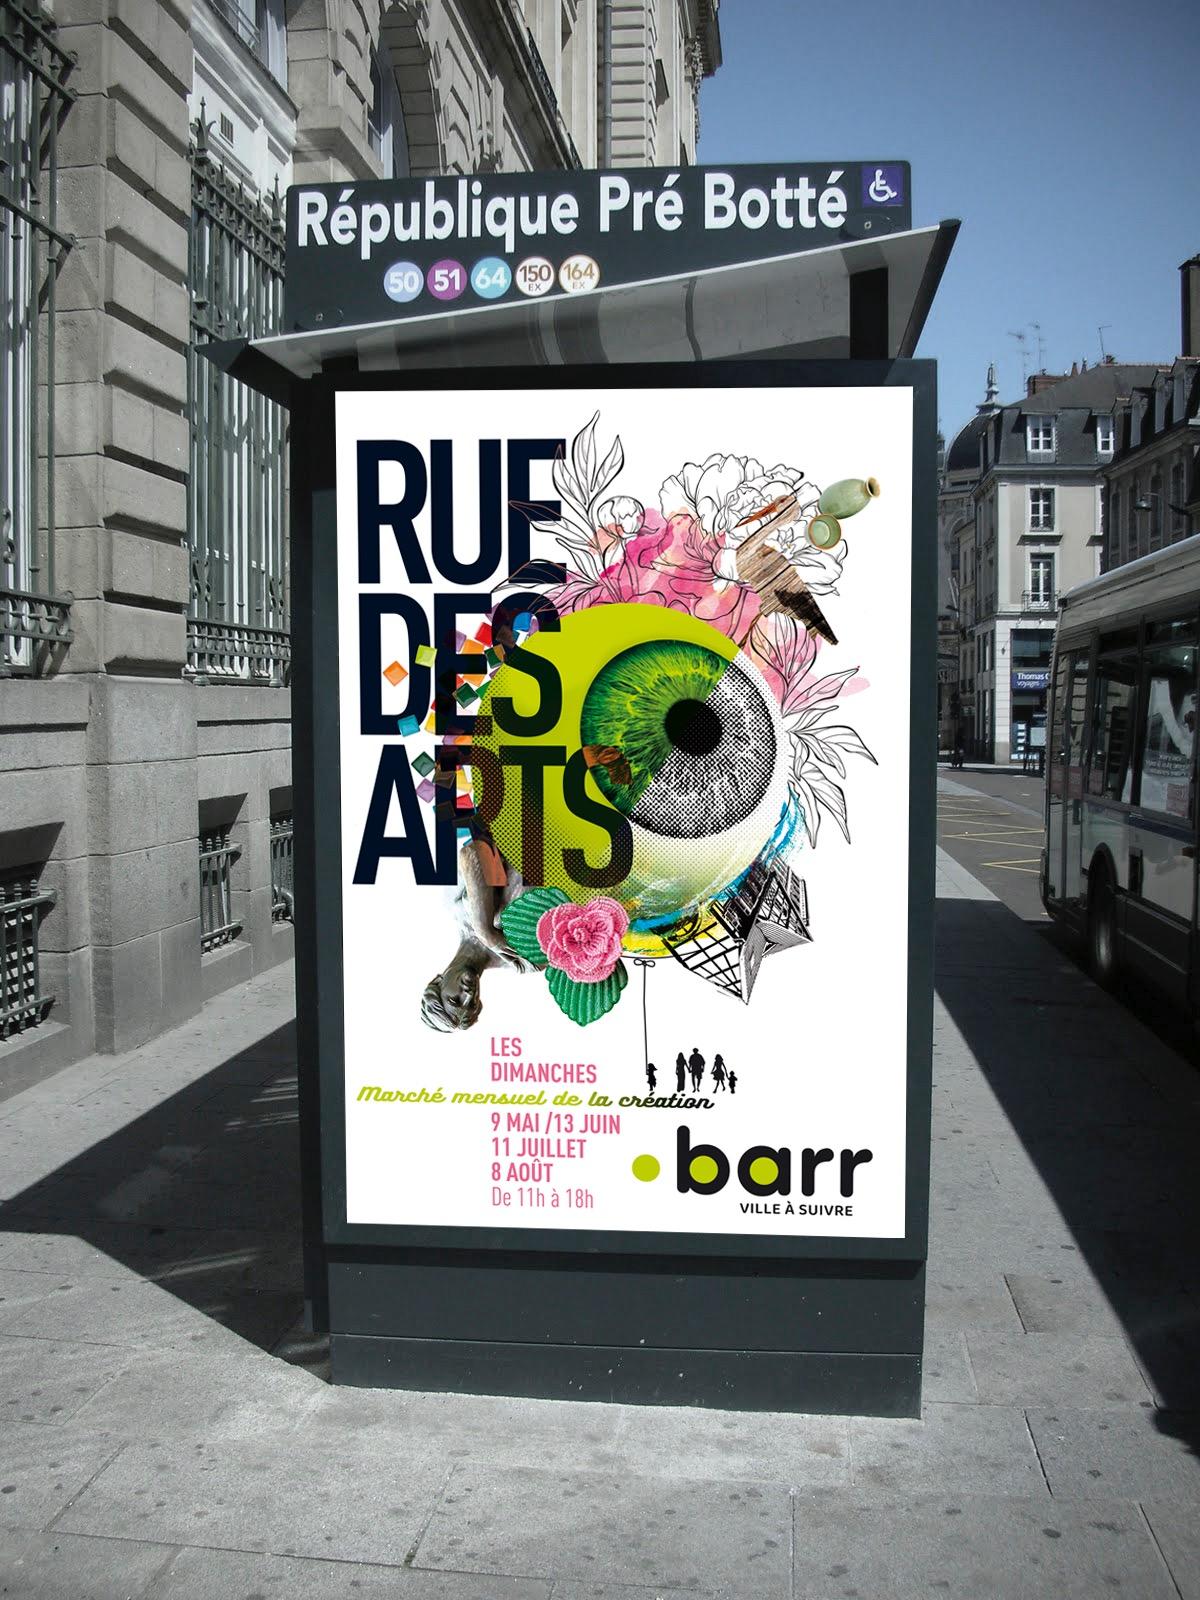 affiche visuel conception création art rue Barr graphique design gratic poster grahisme communication visuel